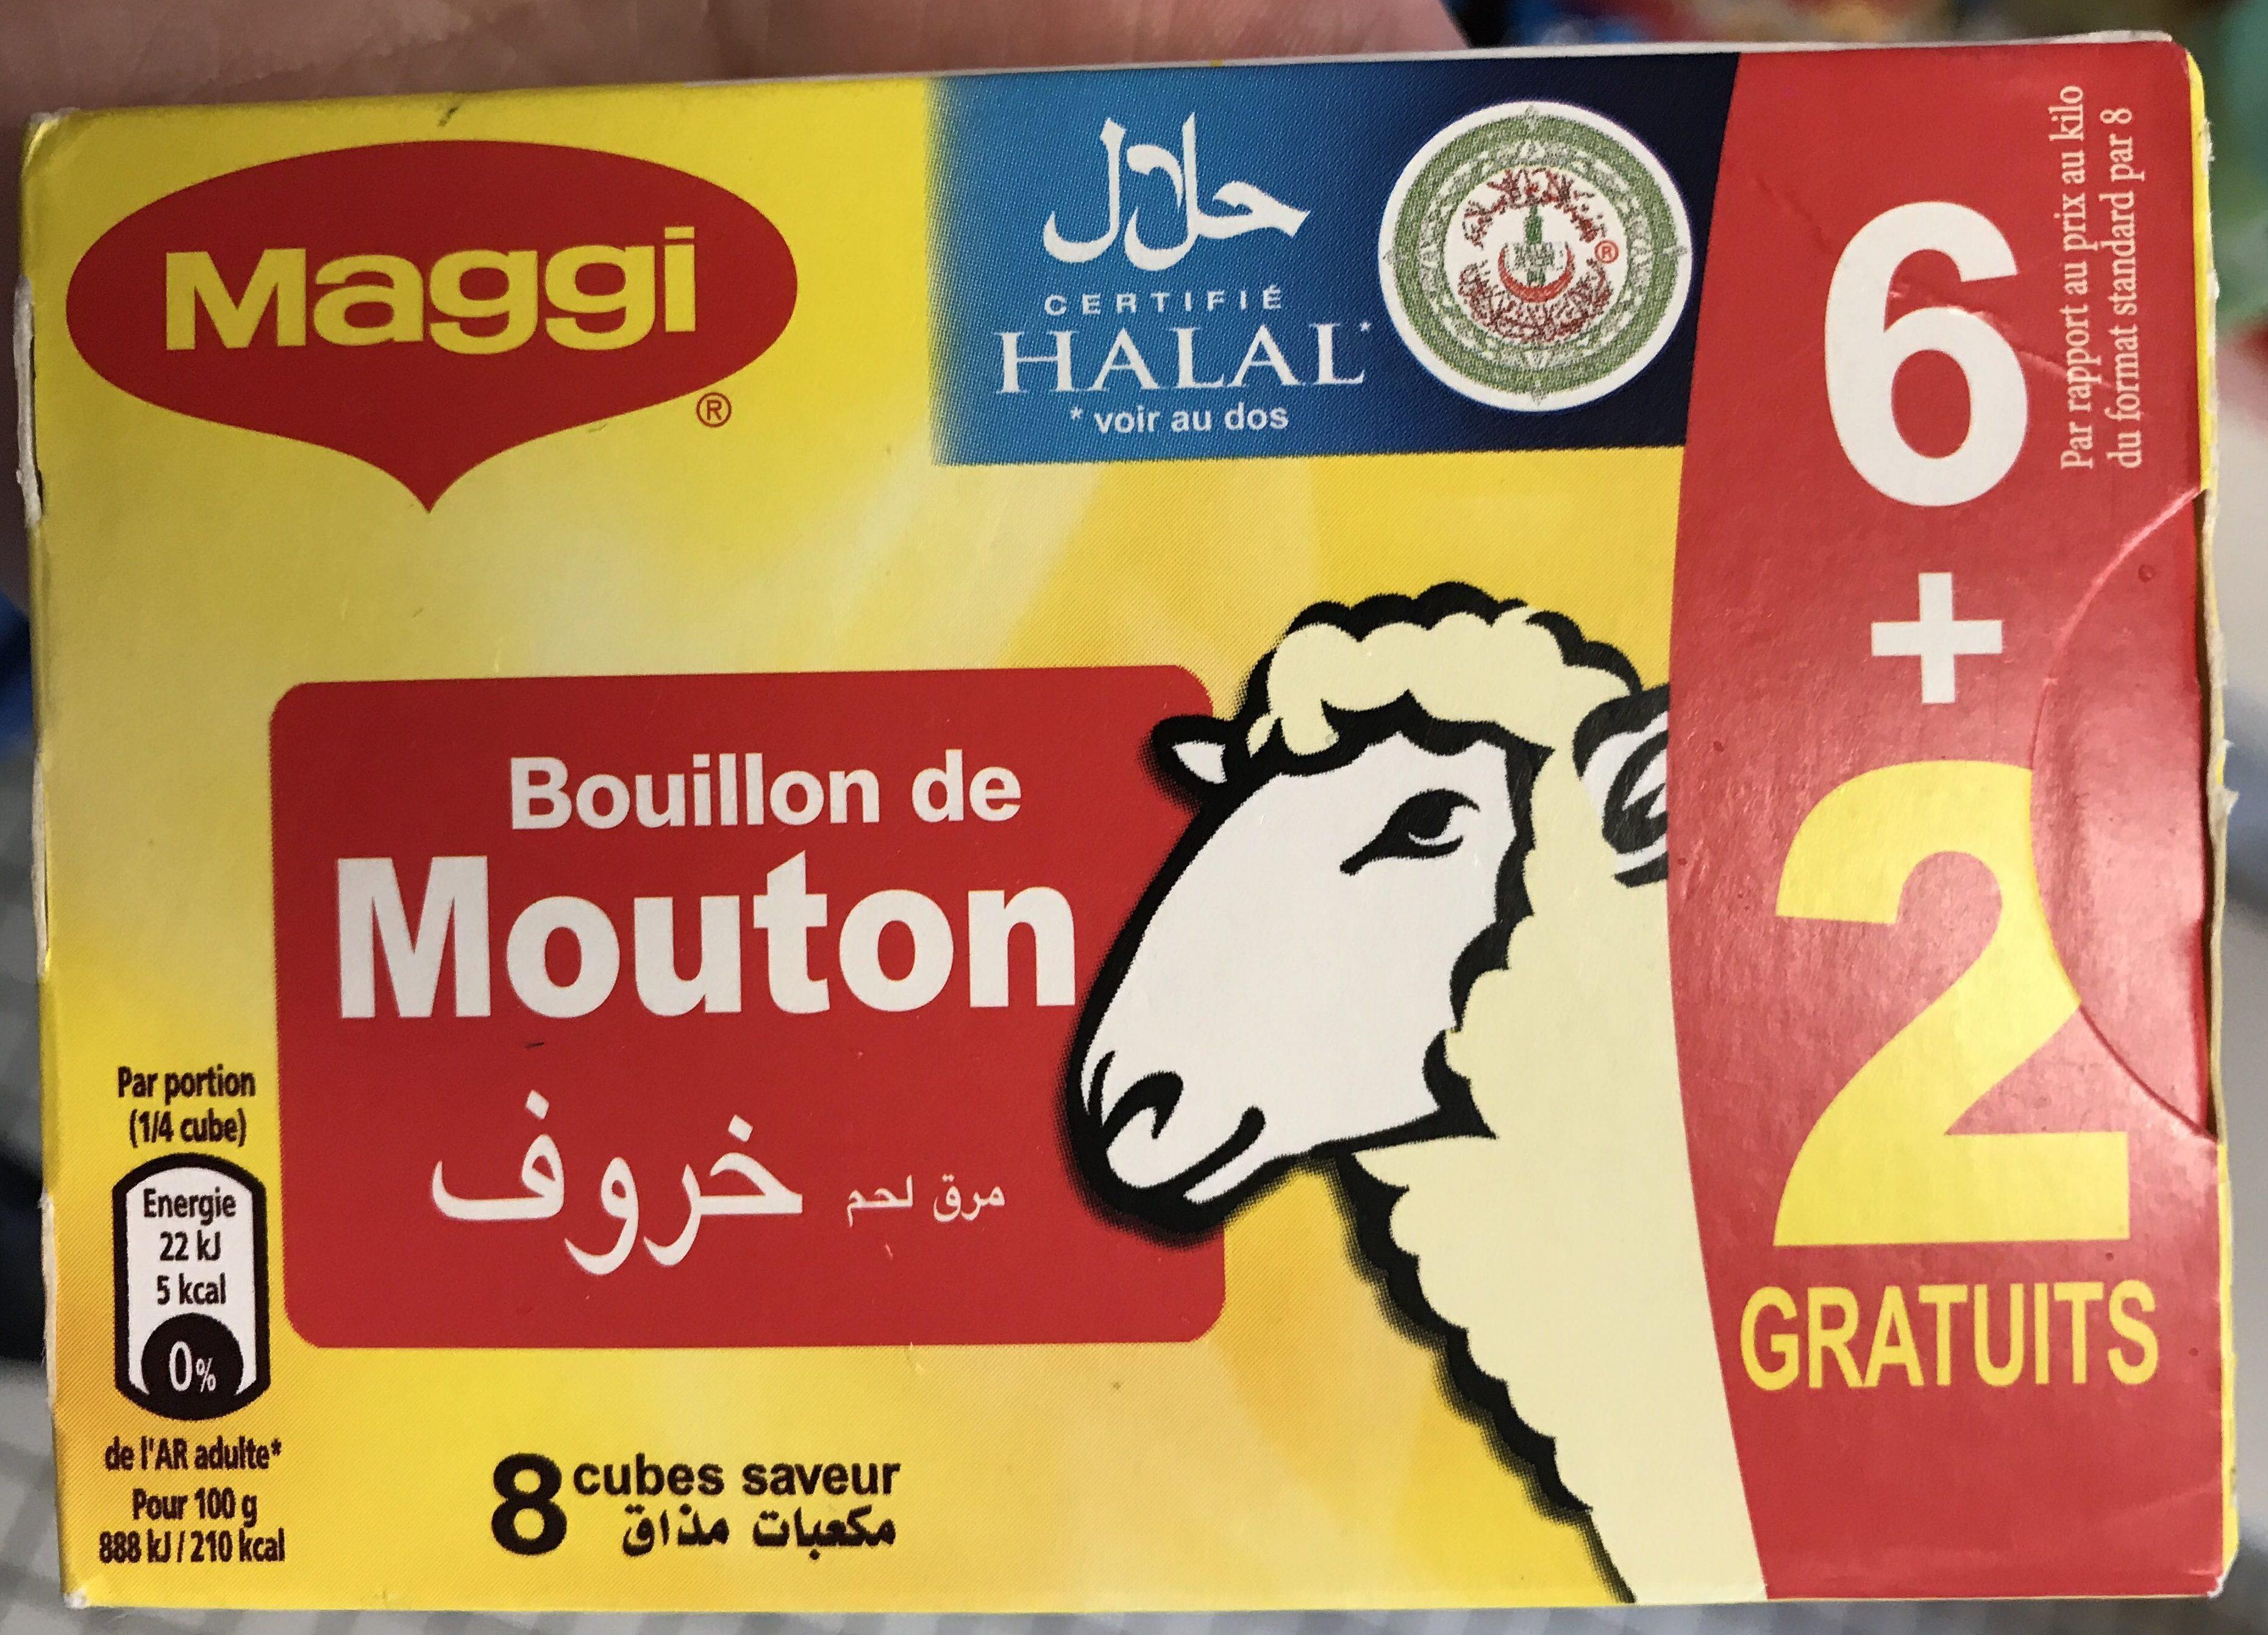 Bouillon de Mouton (6+2 gratuits) - Product - fr